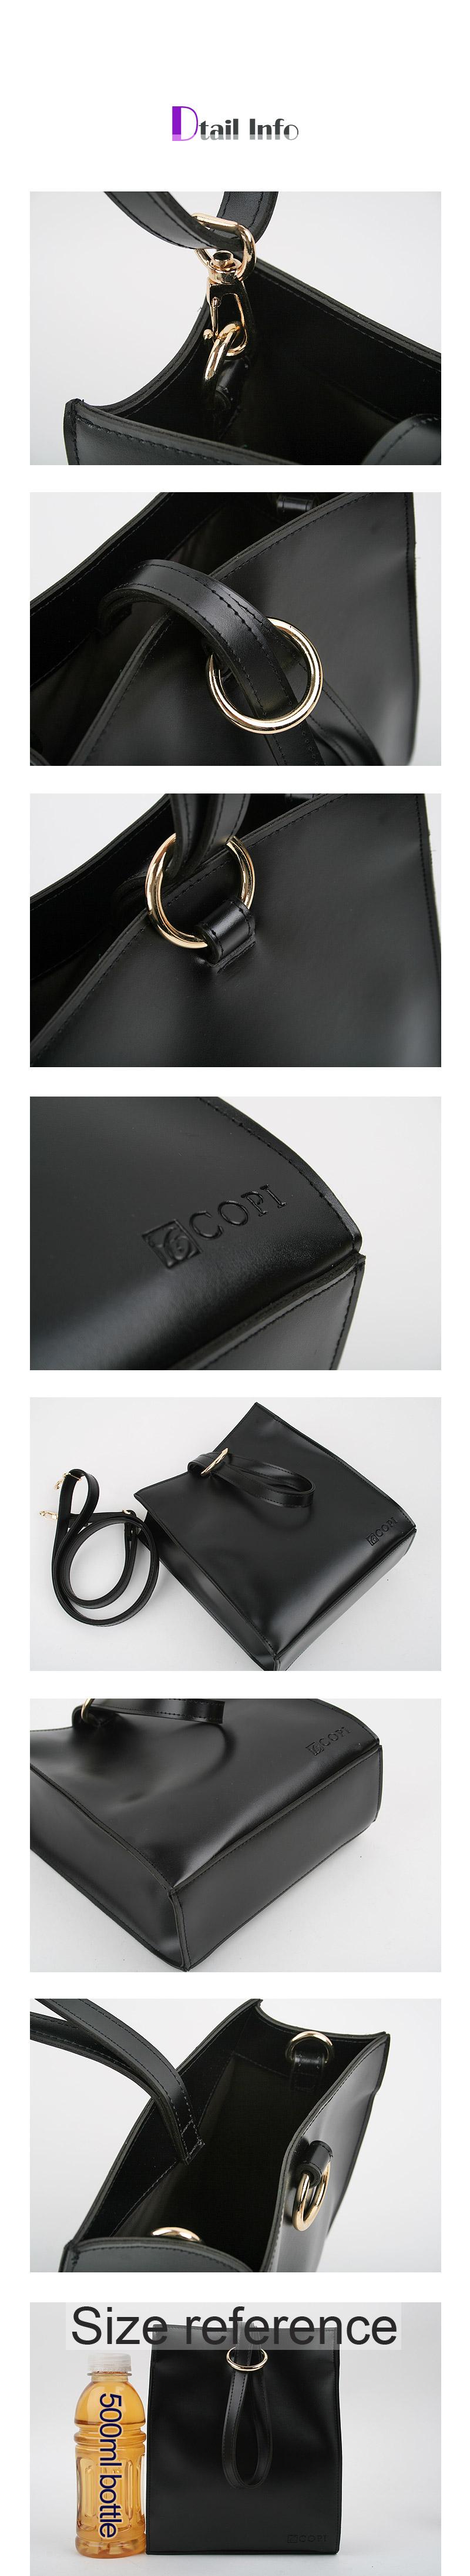 copi handbag no.C-160513view-1